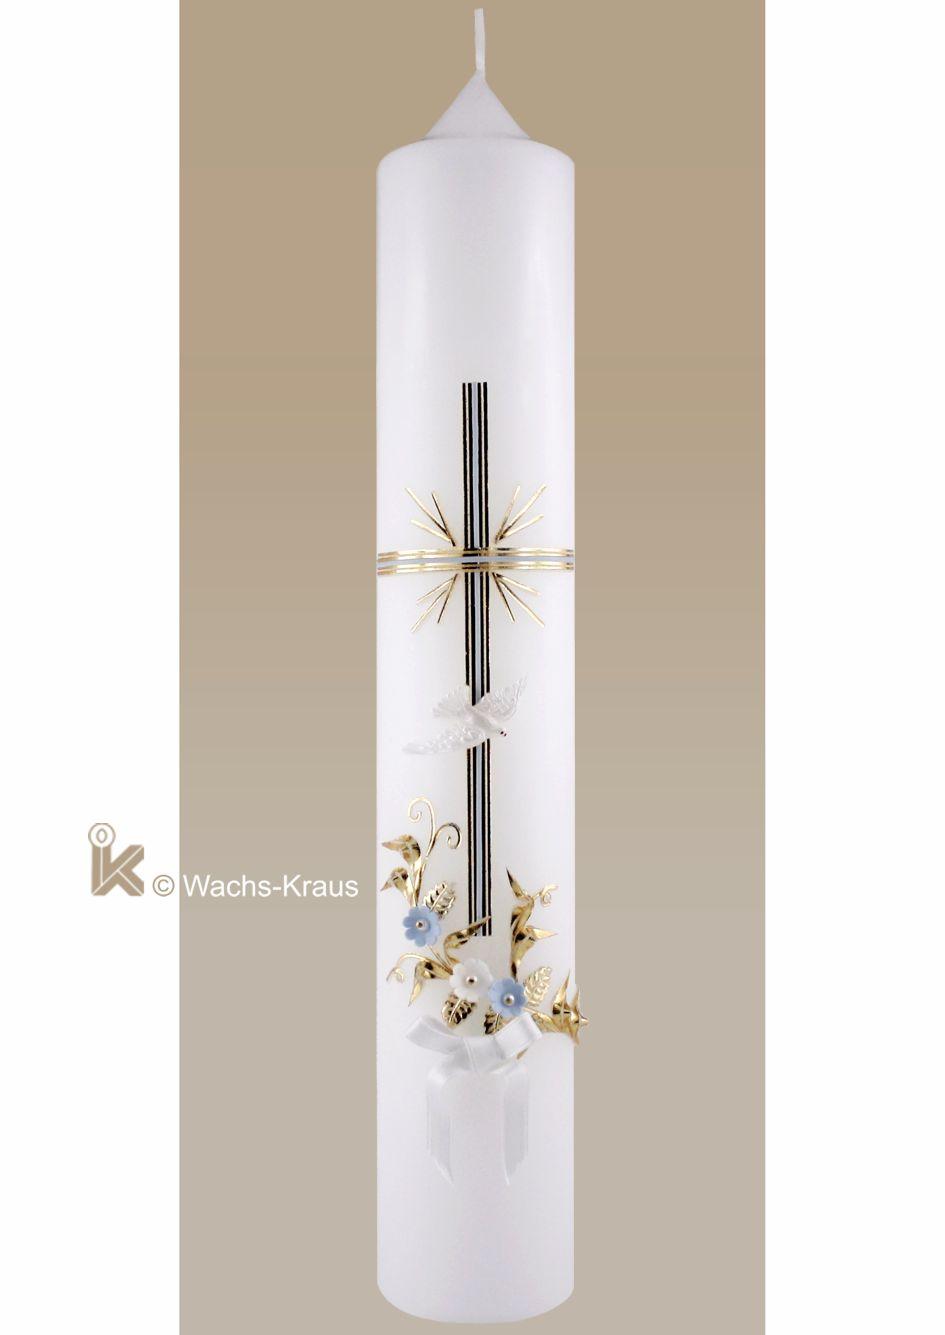 In feinster Handwerkskunst ist diese klassische Taufkerze für Jungen hergestellt worden. Das golden unterlegte, blaue Kreuz und ein Blumenstrauß